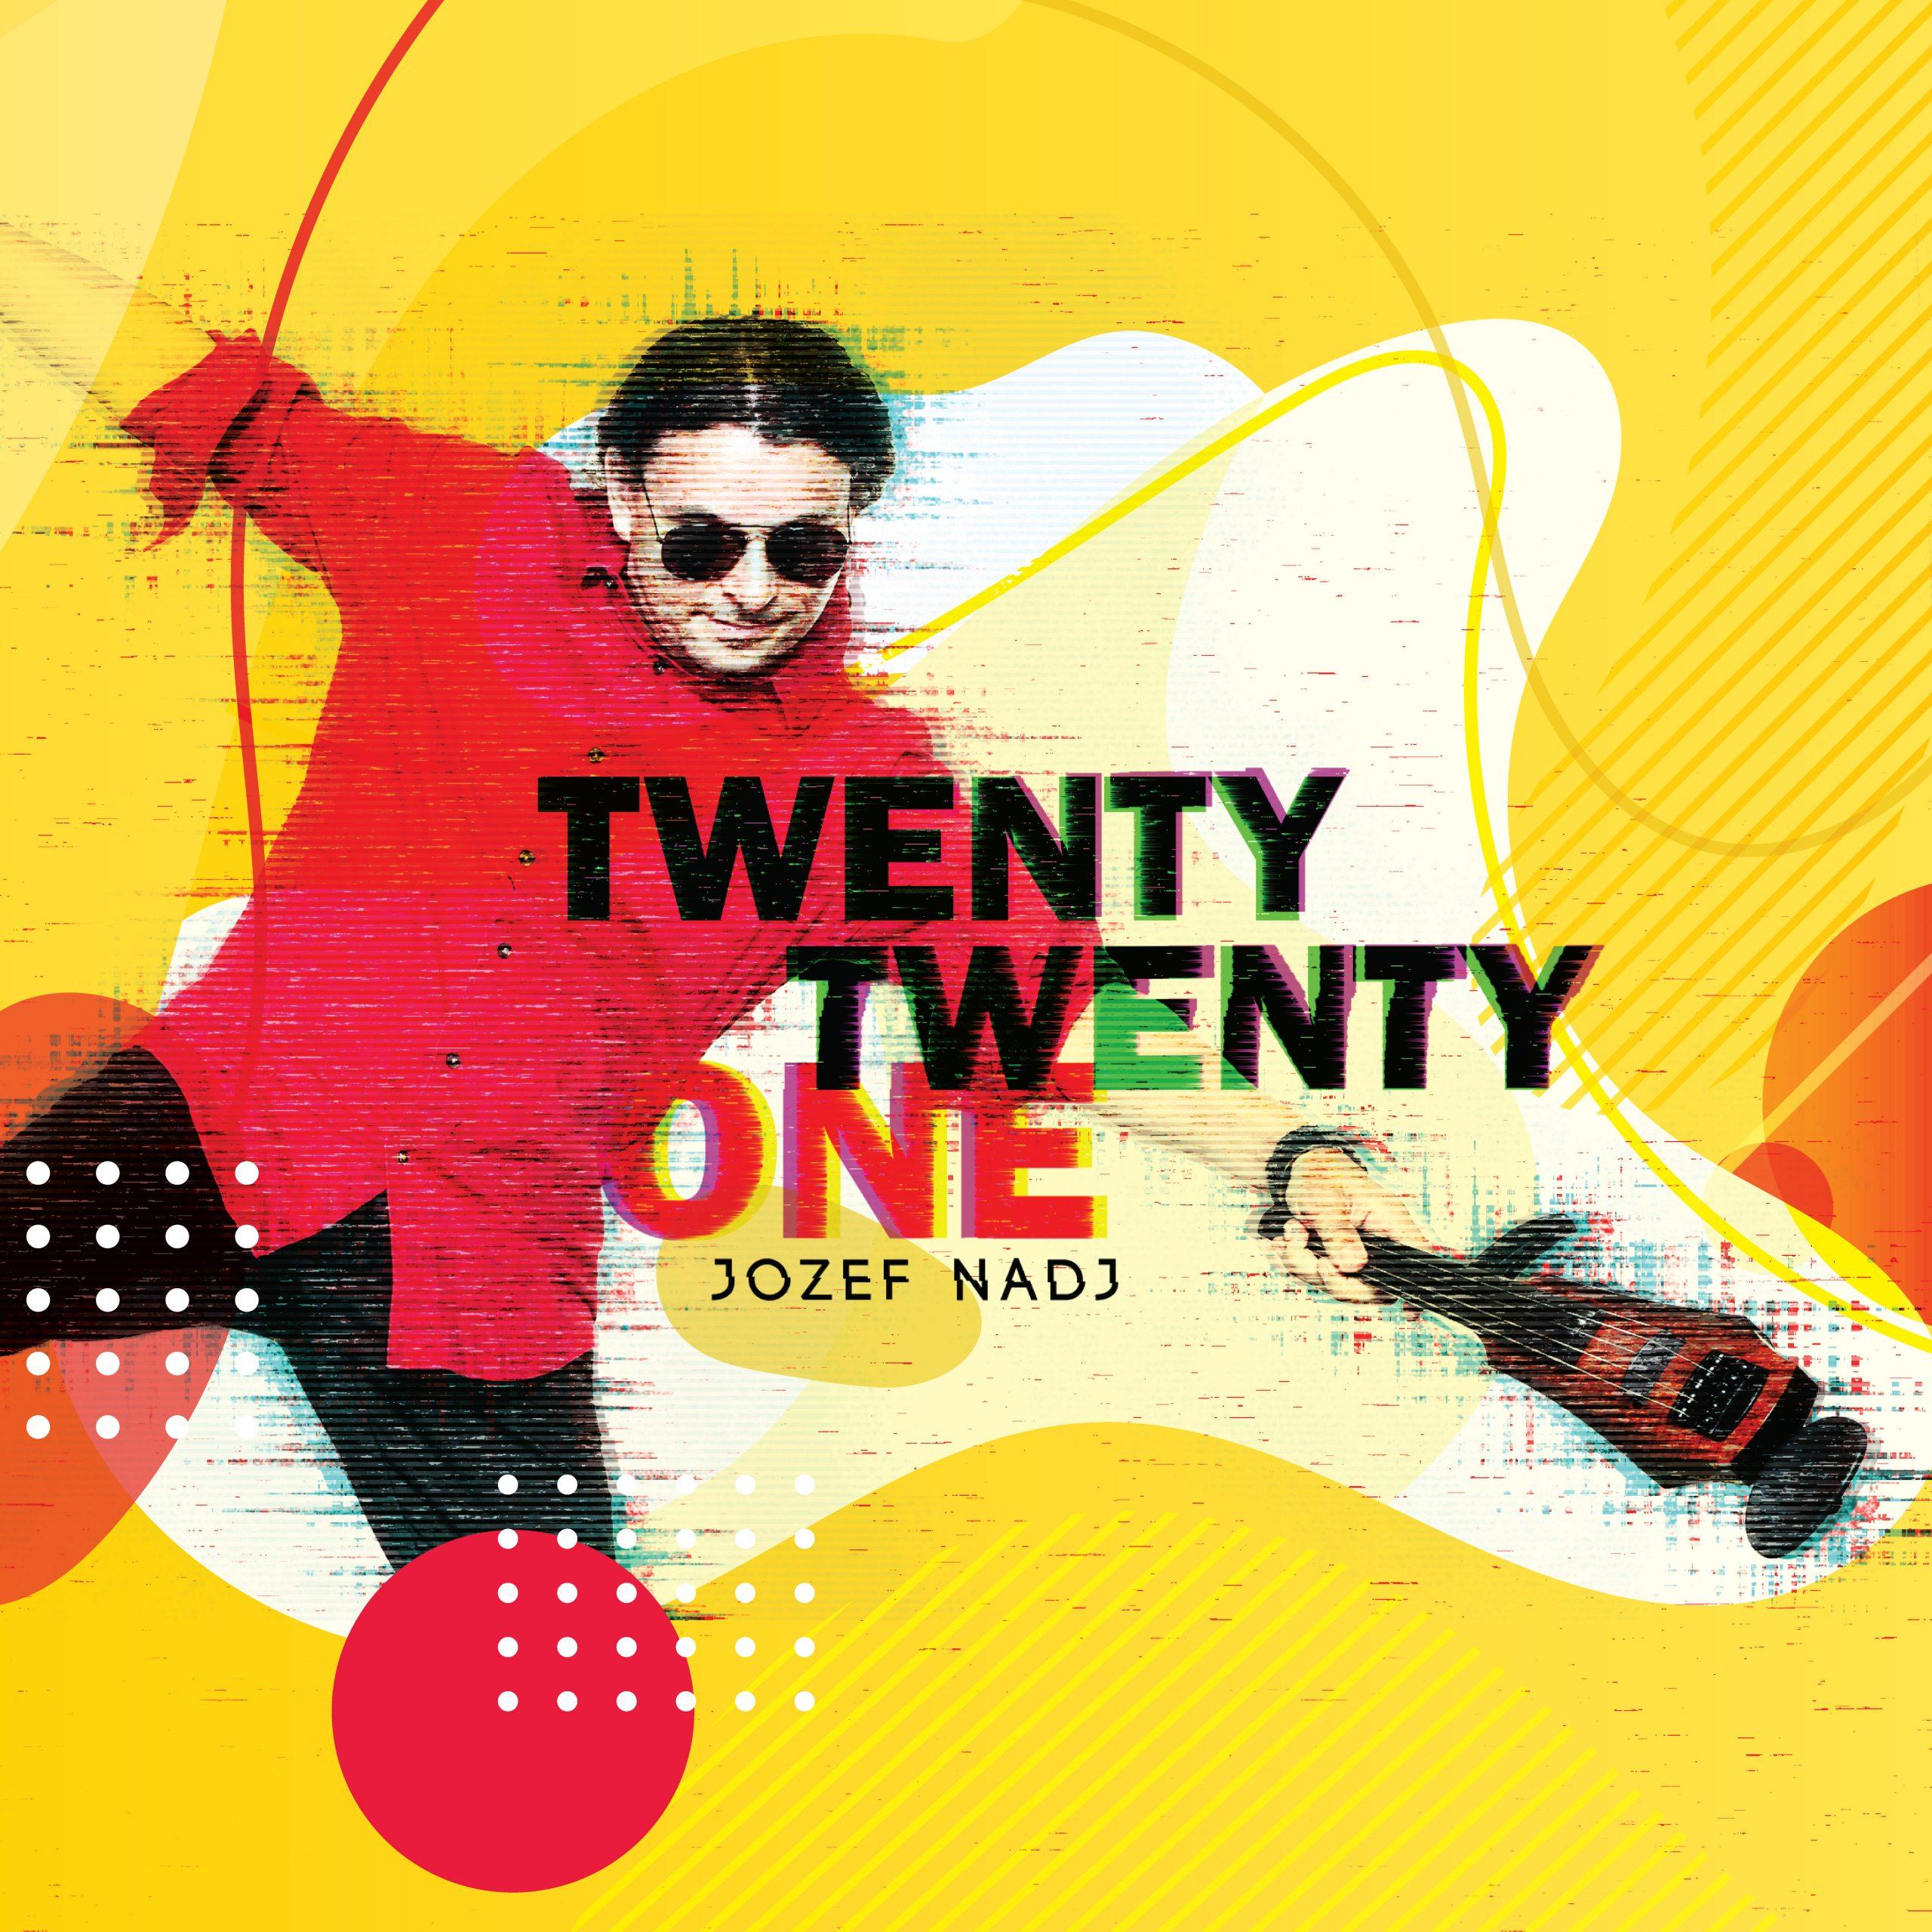 Twenty Twenty One (2021)